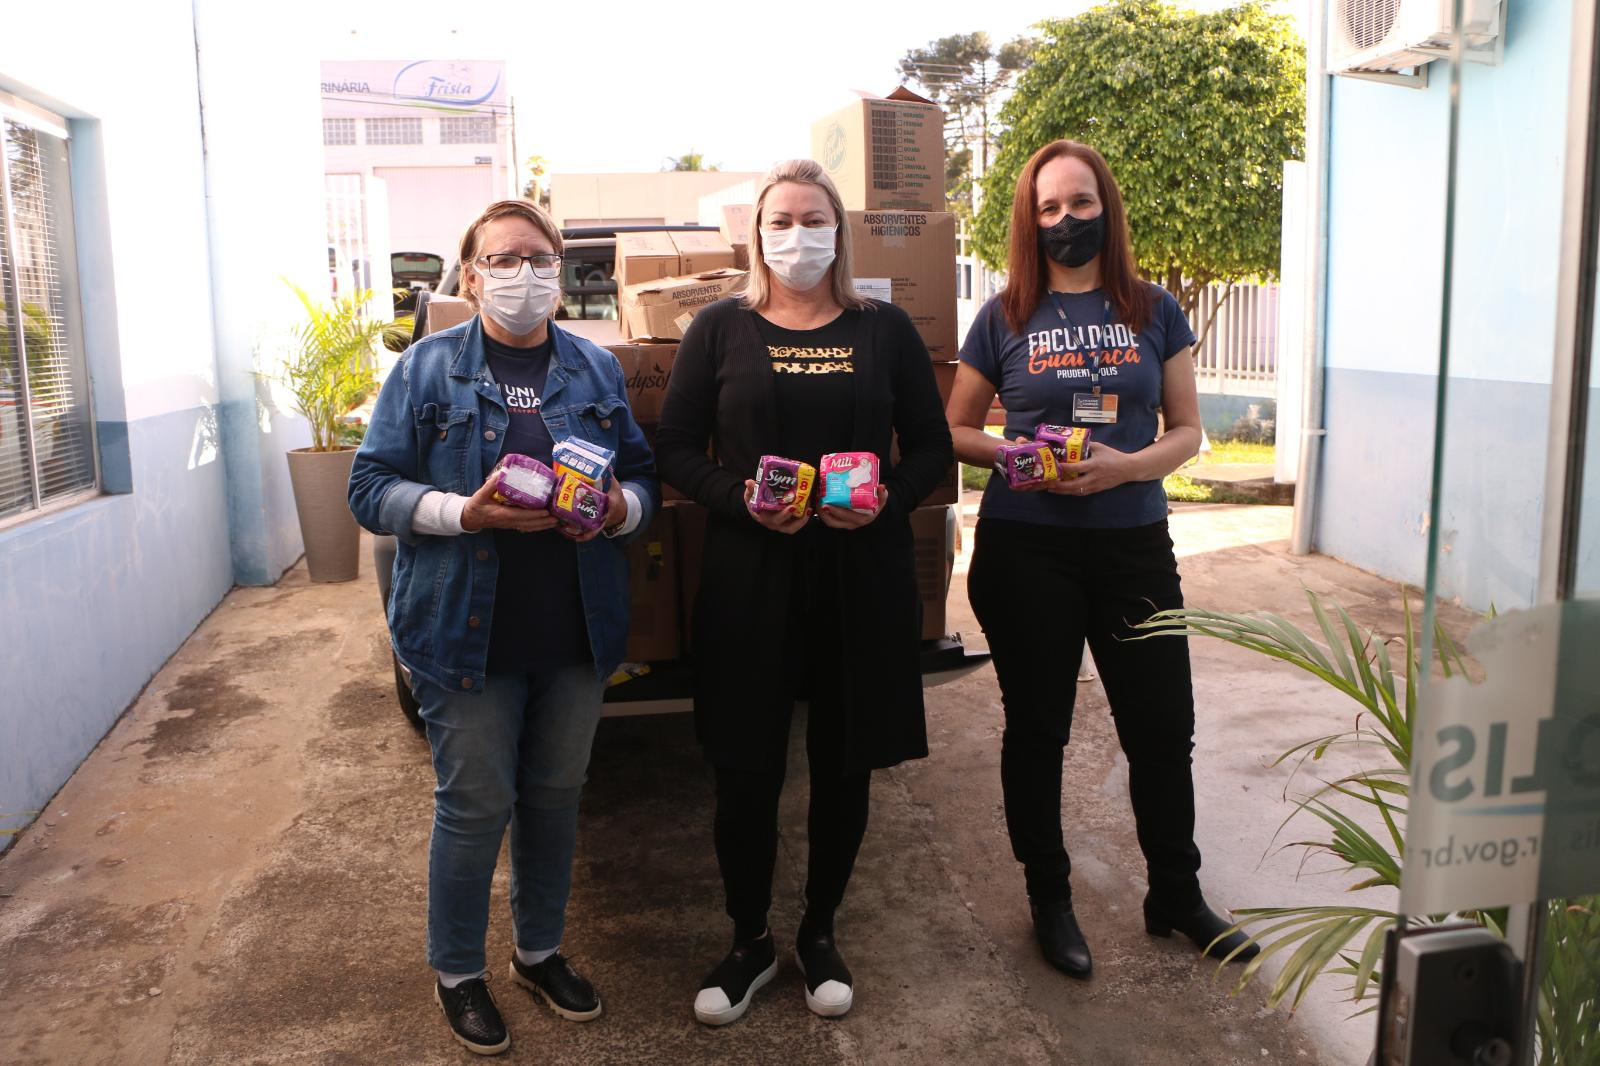 Dignidade feminina: FGP arrecada mais de mil pacotes de absorventes para campanha social